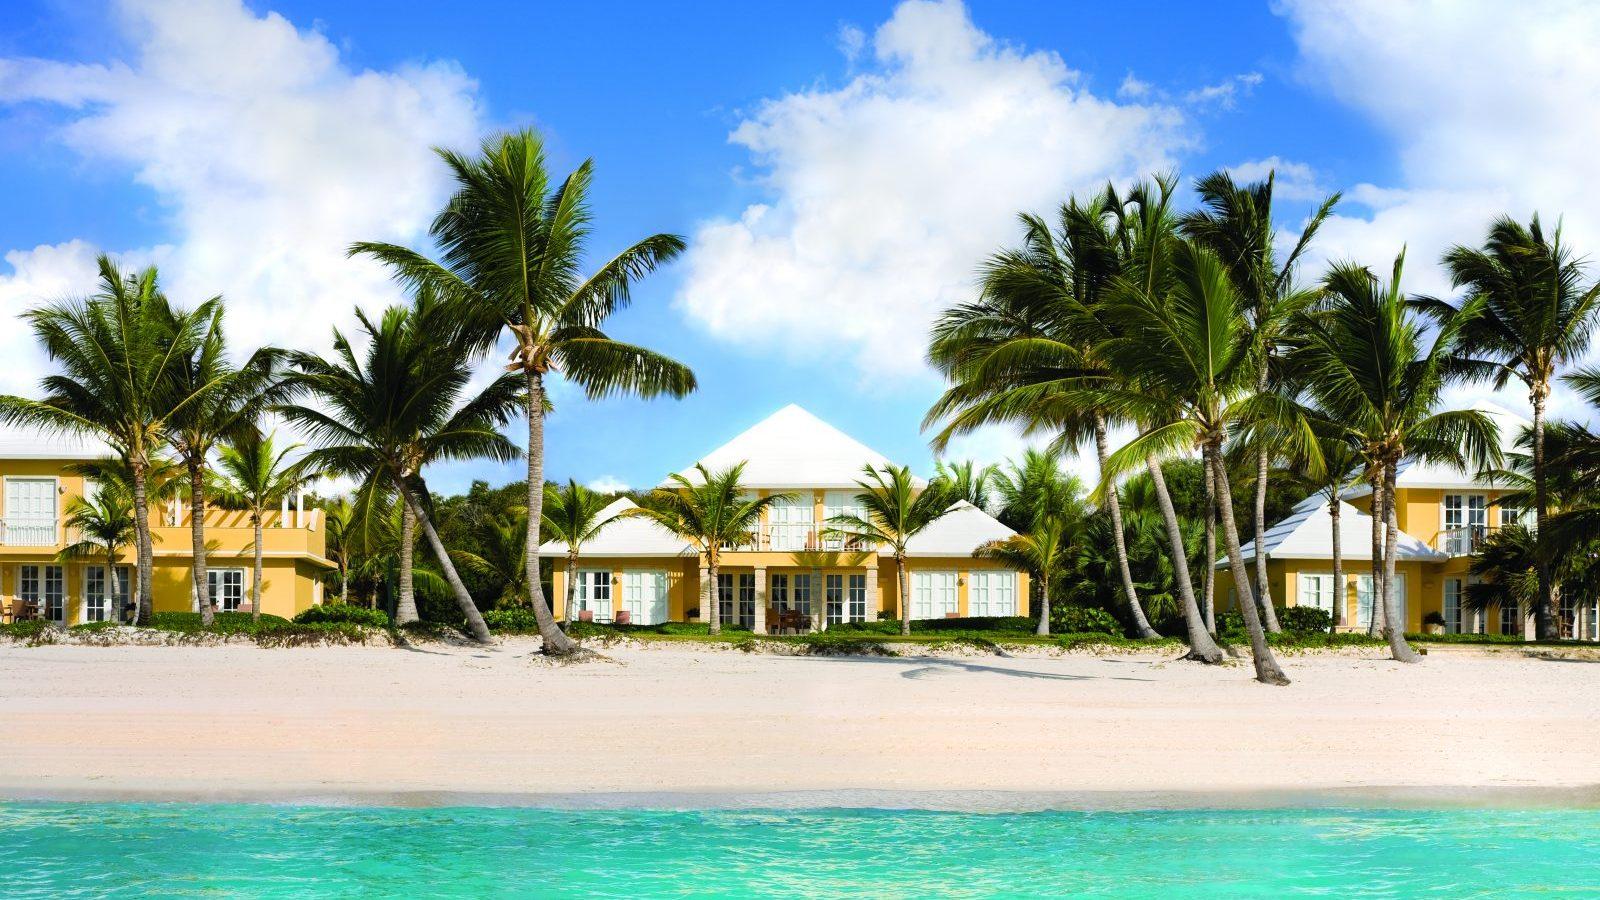 Tortuga-Bay-Hotel-Punta-Cana